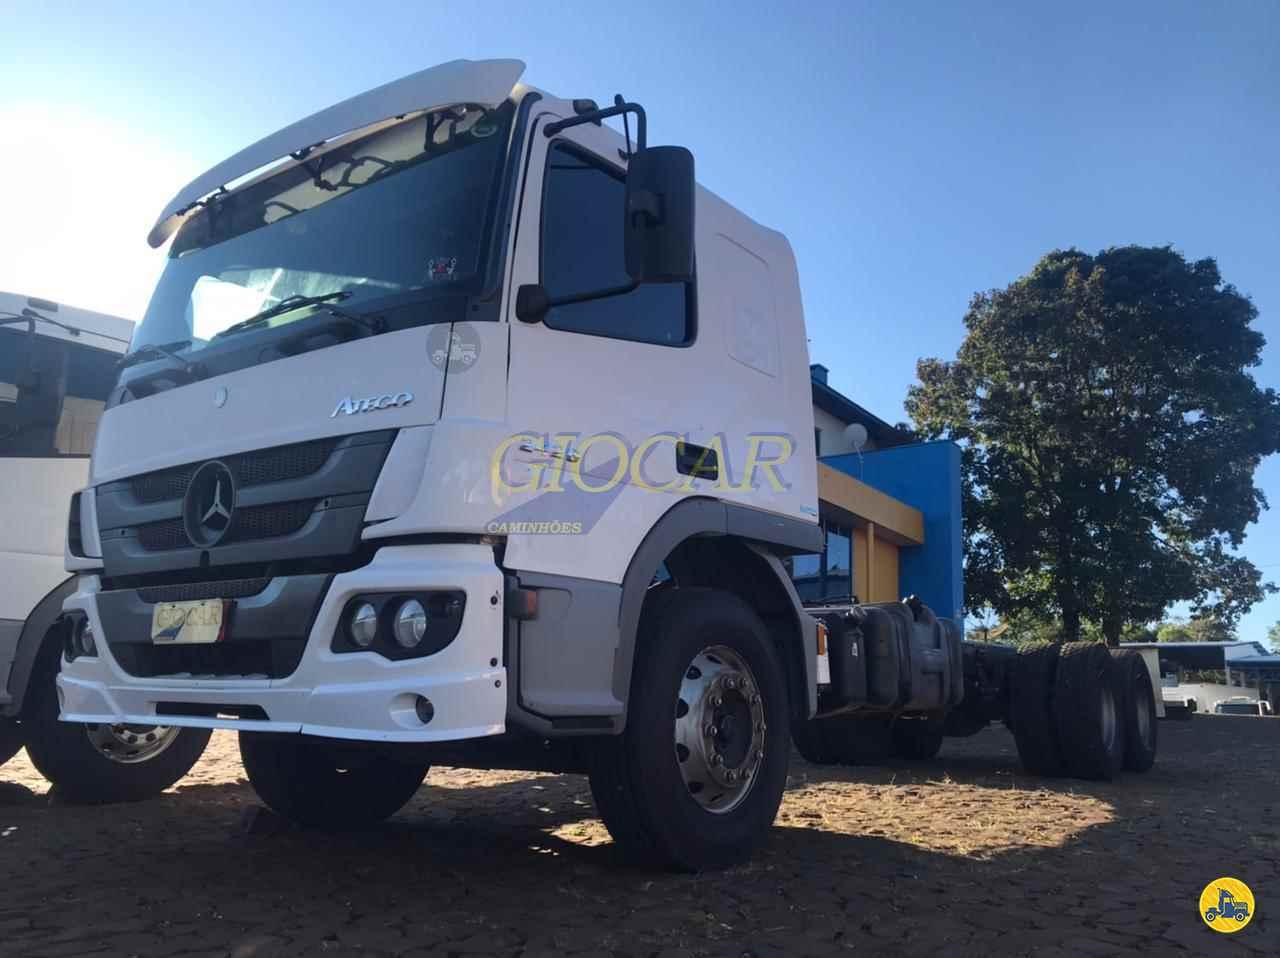 MB 2426 de Giocar Caminhões - PATO BRANCO/PR